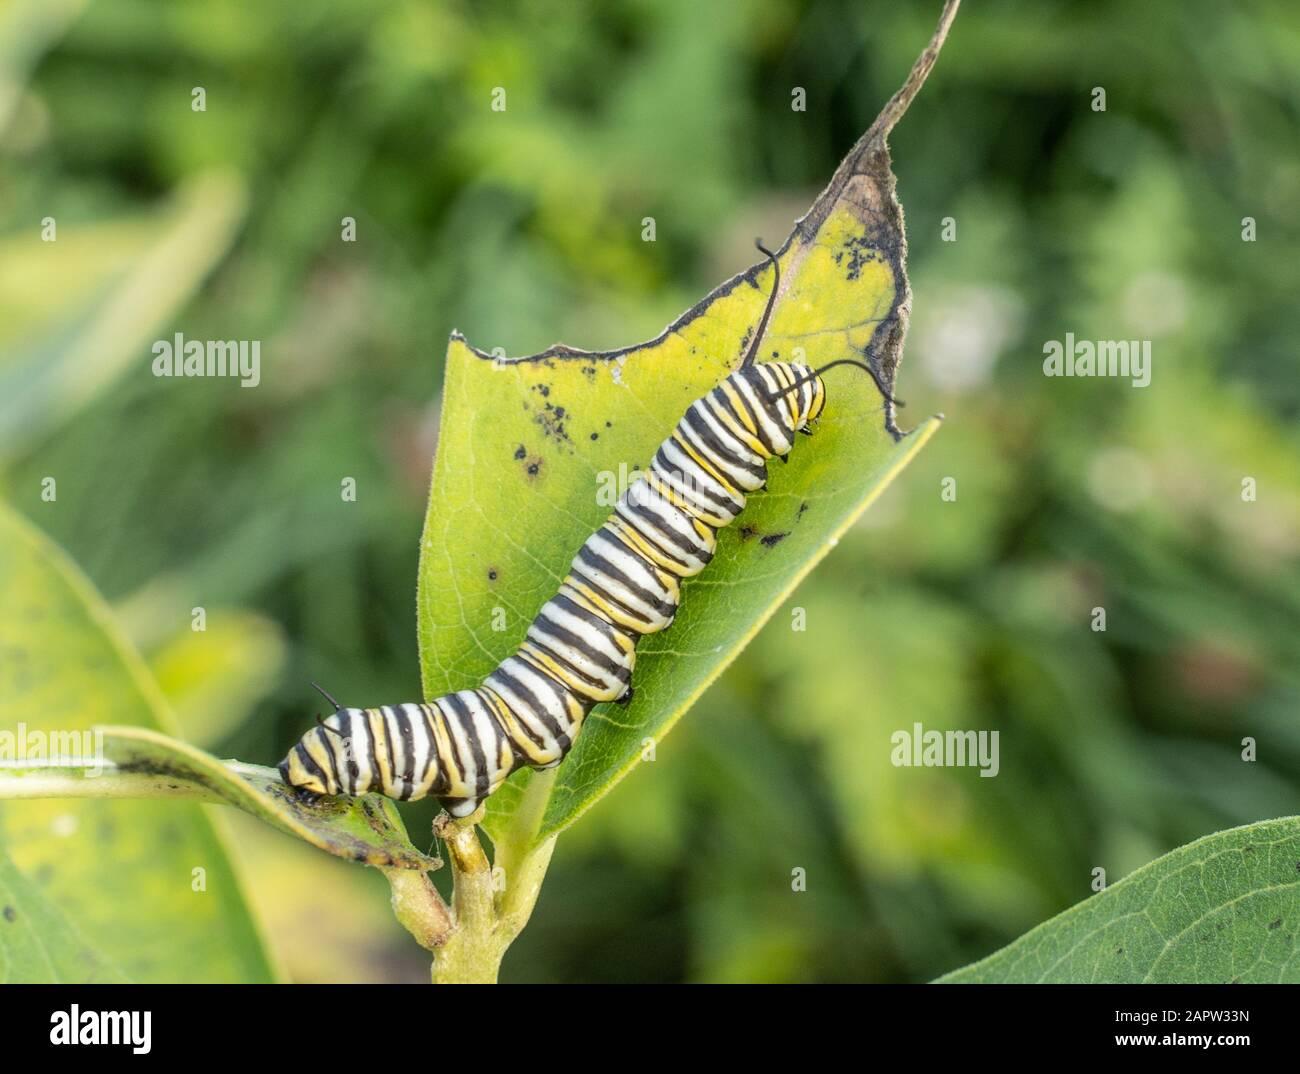 Oruga de mariposa monarca ( Danaus plexippus) en planta de maleza lechera en la mañana de verano. Foto de stock